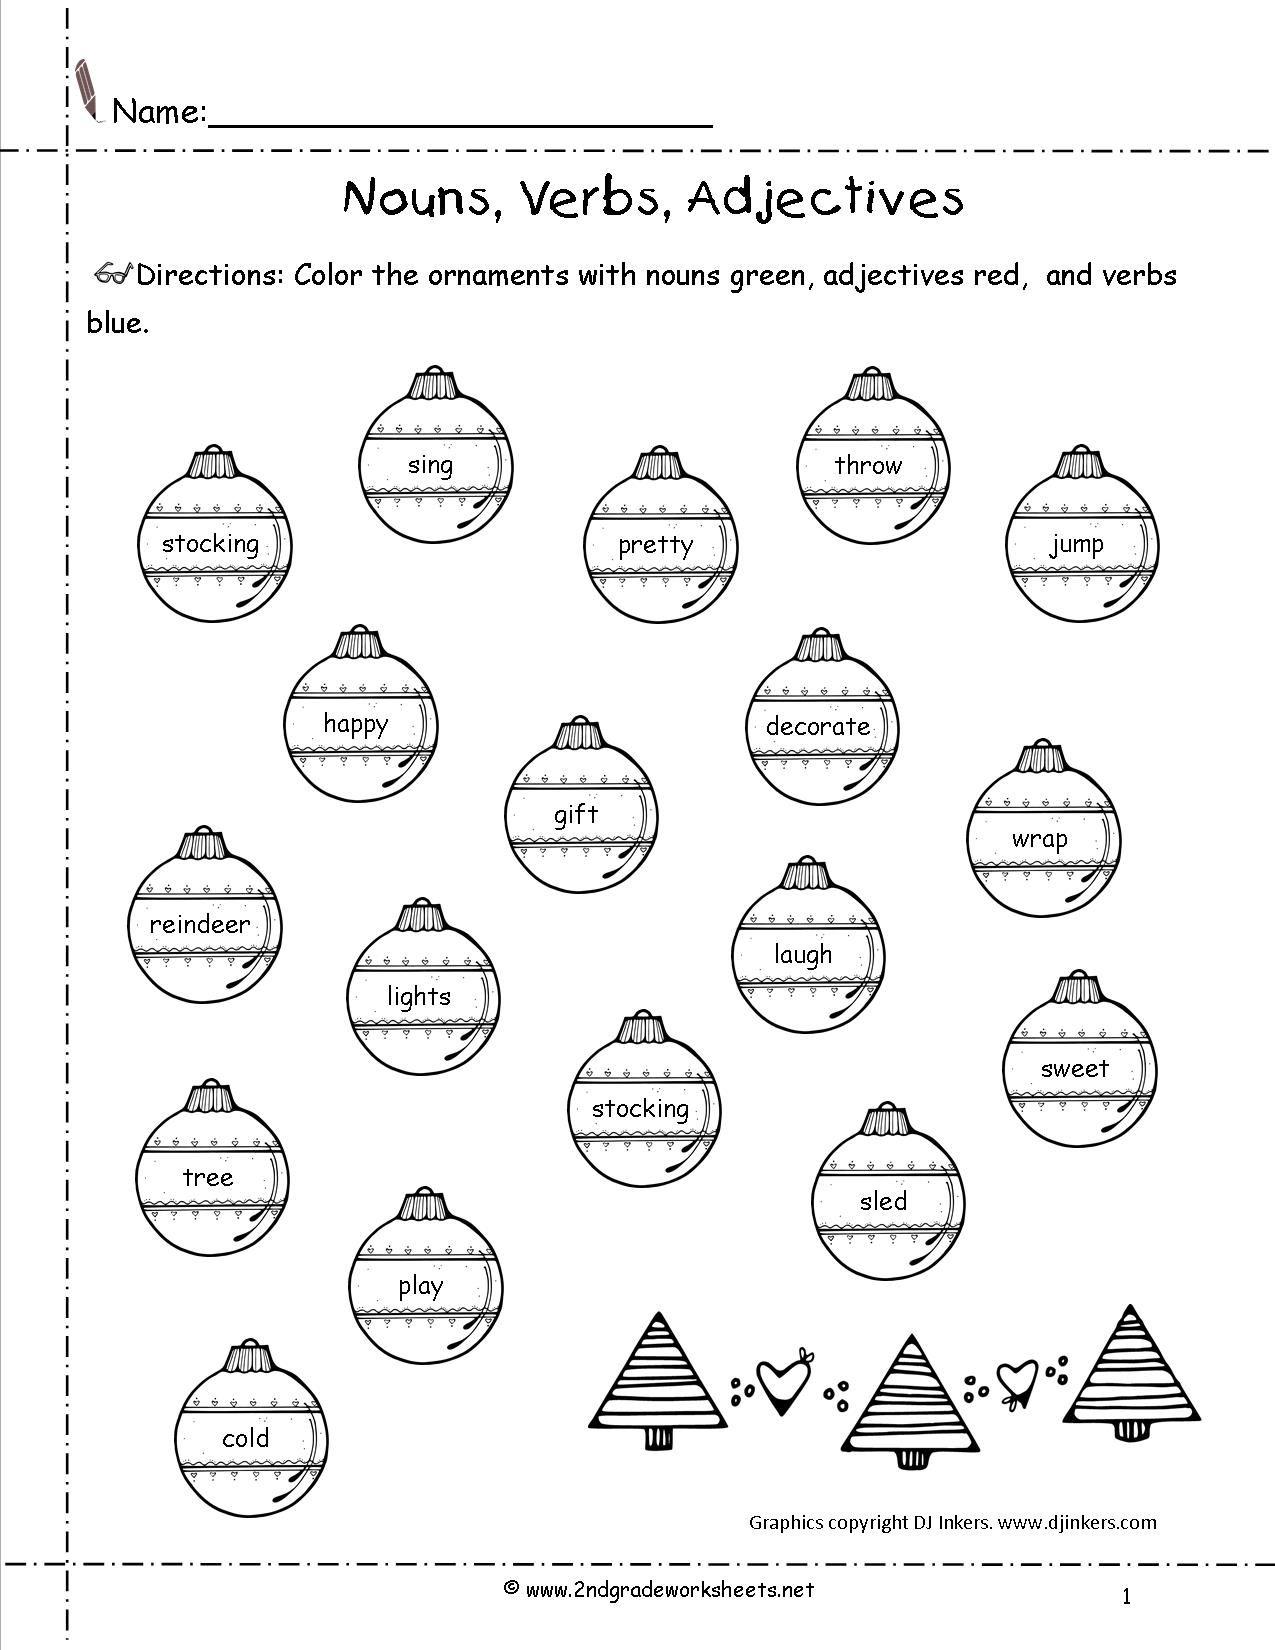 Money Worksheet Pakistani Christmas Worksheets Kindergarten Kindergarten Worksheets Preschool Christmas Worksheets [ 1650 x 1275 Pixel ]